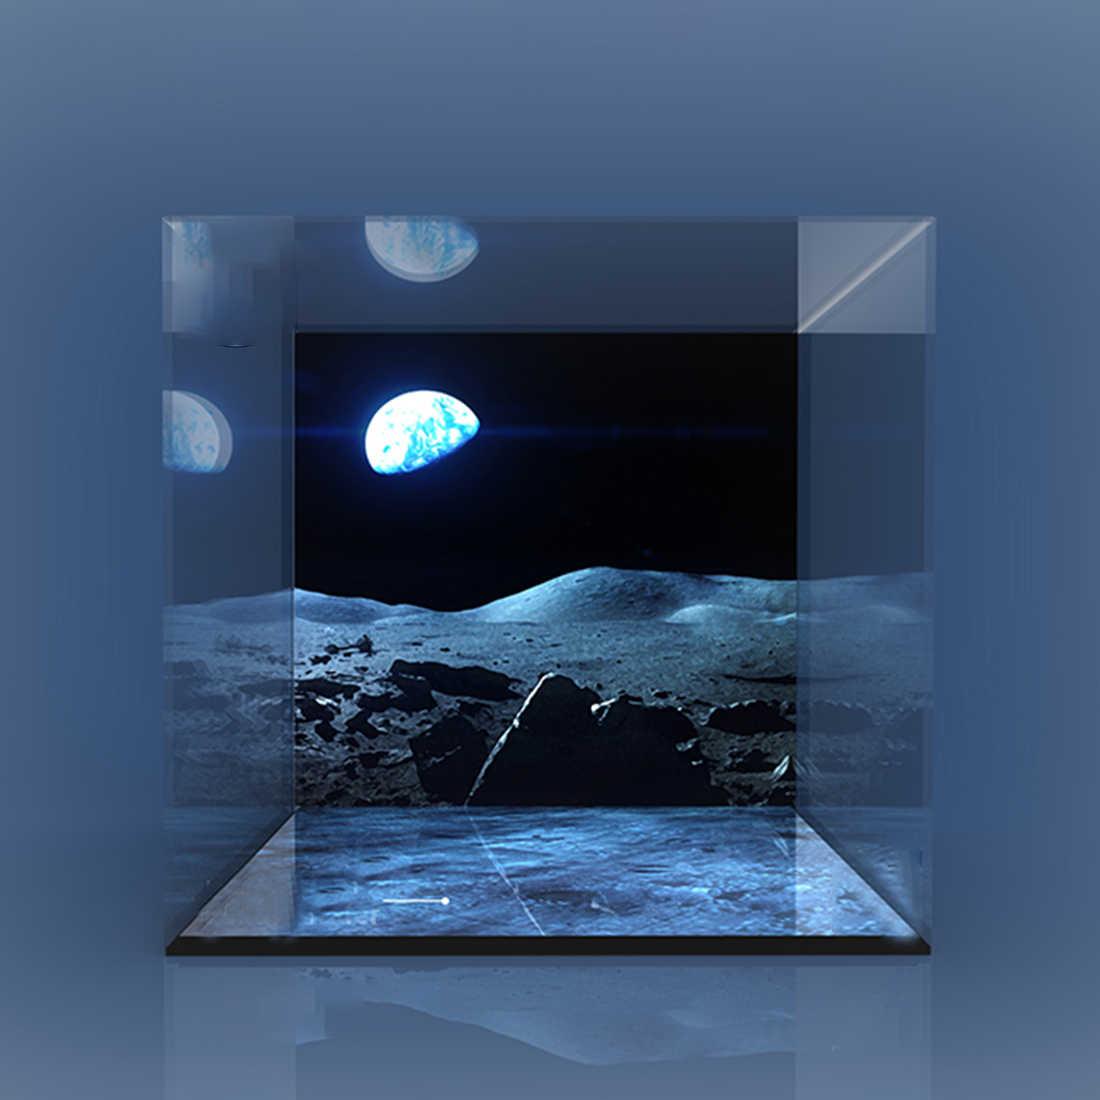 Yapı taşı akrilik toz geçirmez ekran kutusu gösterisi durumda Apollo 11 ay Lander seti 10266 (ekran kutusu sadece, hiçbir kiti)- 3 ışıkları